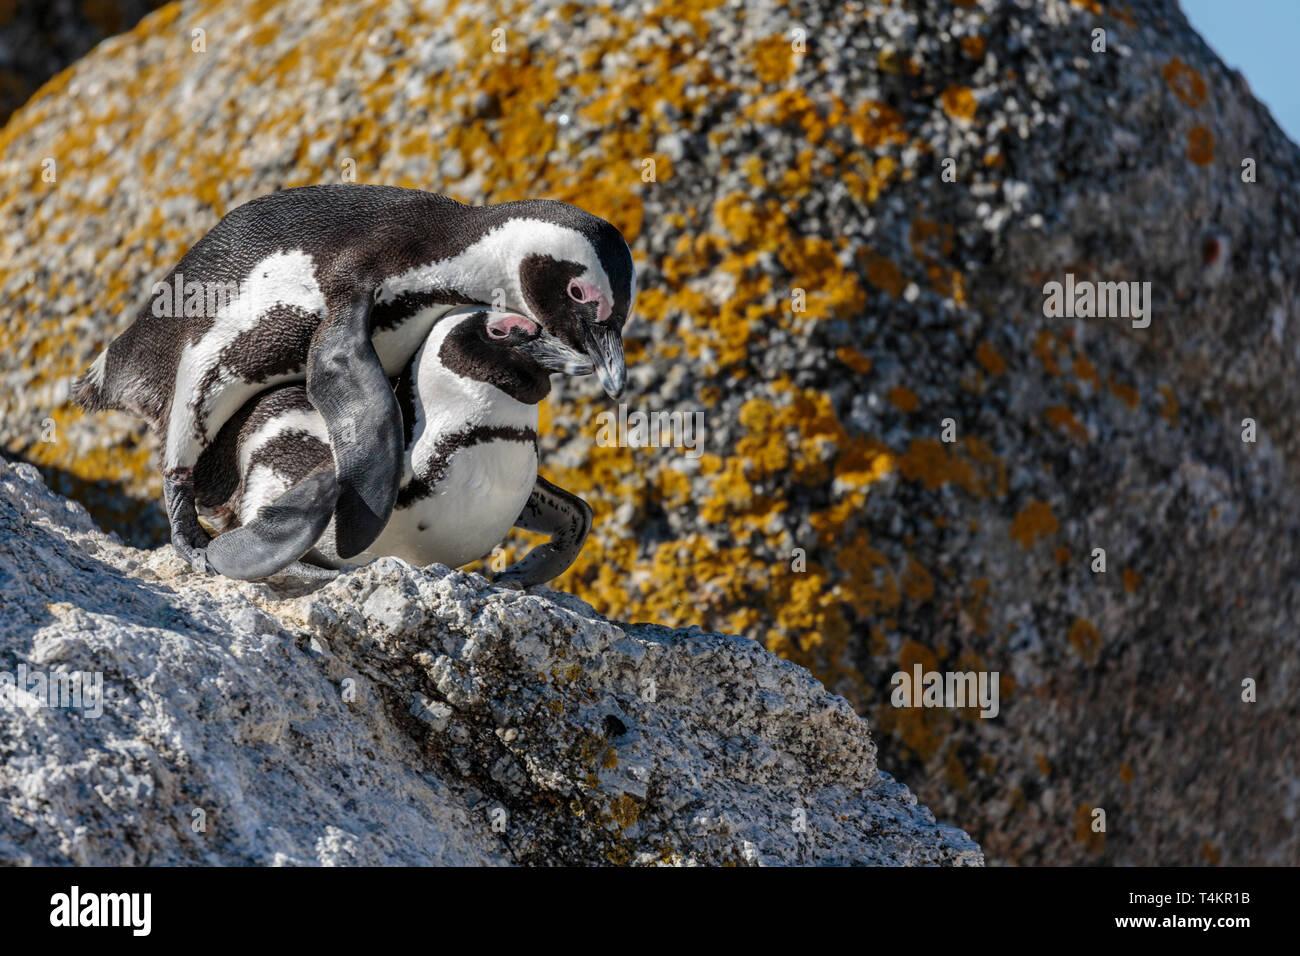 Deux pingouins africains, Spheniscus demersus, sur un rocher, l'accouplement à Simonstown, Afrique du Sud Photo Stock